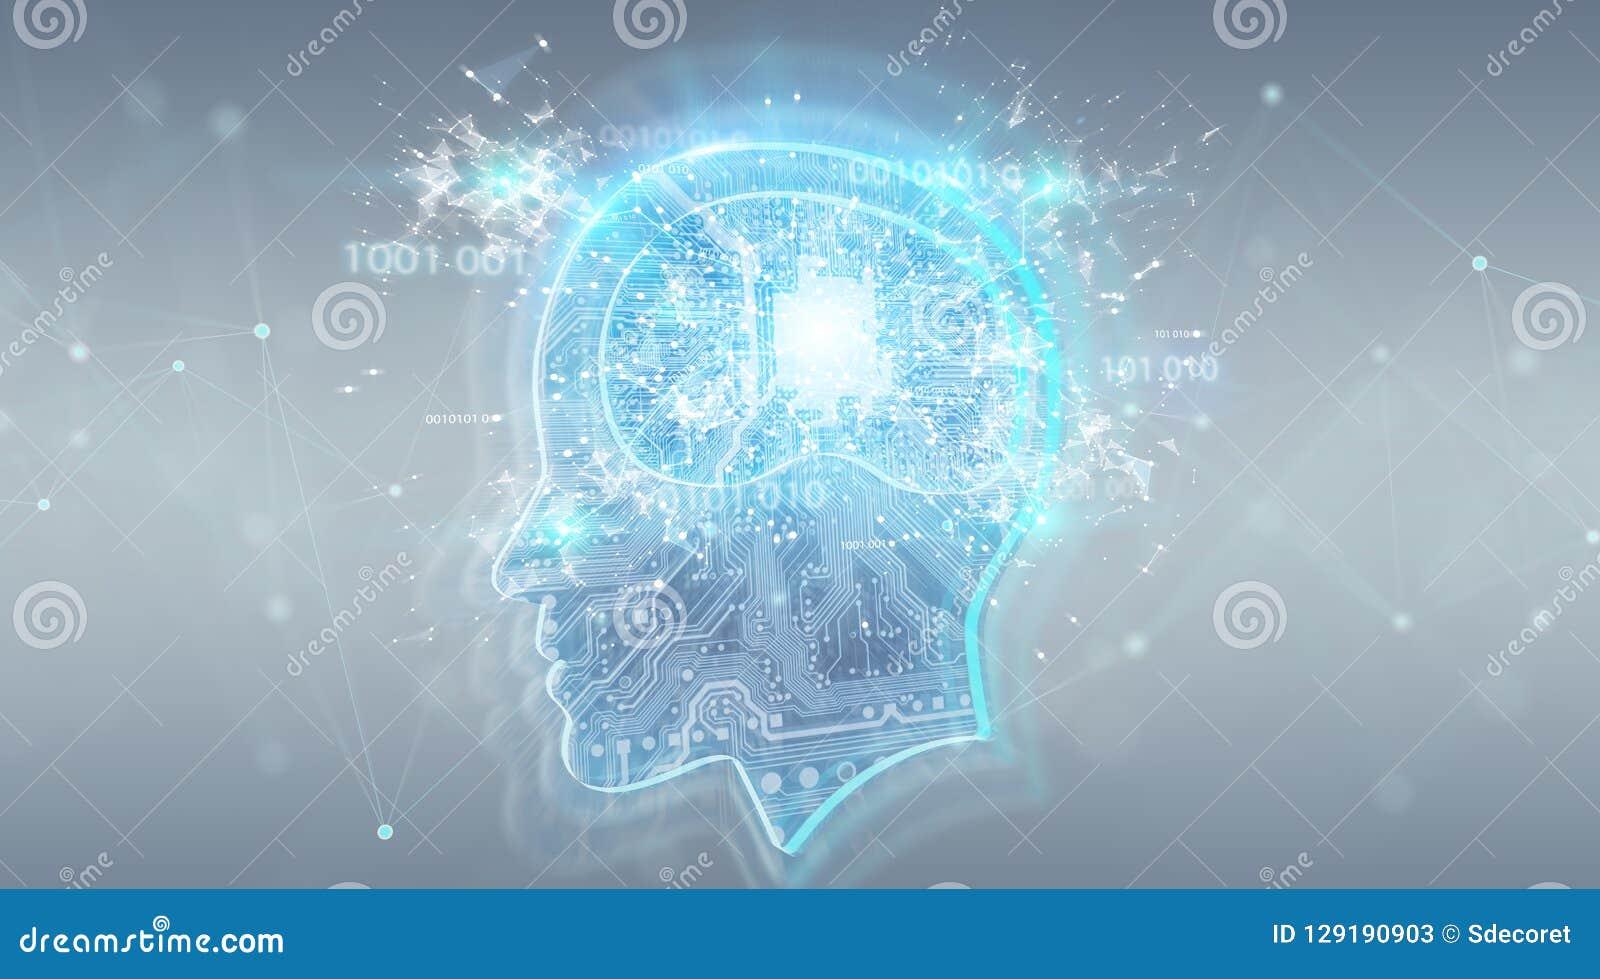 Representación digital del fondo 3D del cerebro de la inteligencia artificial